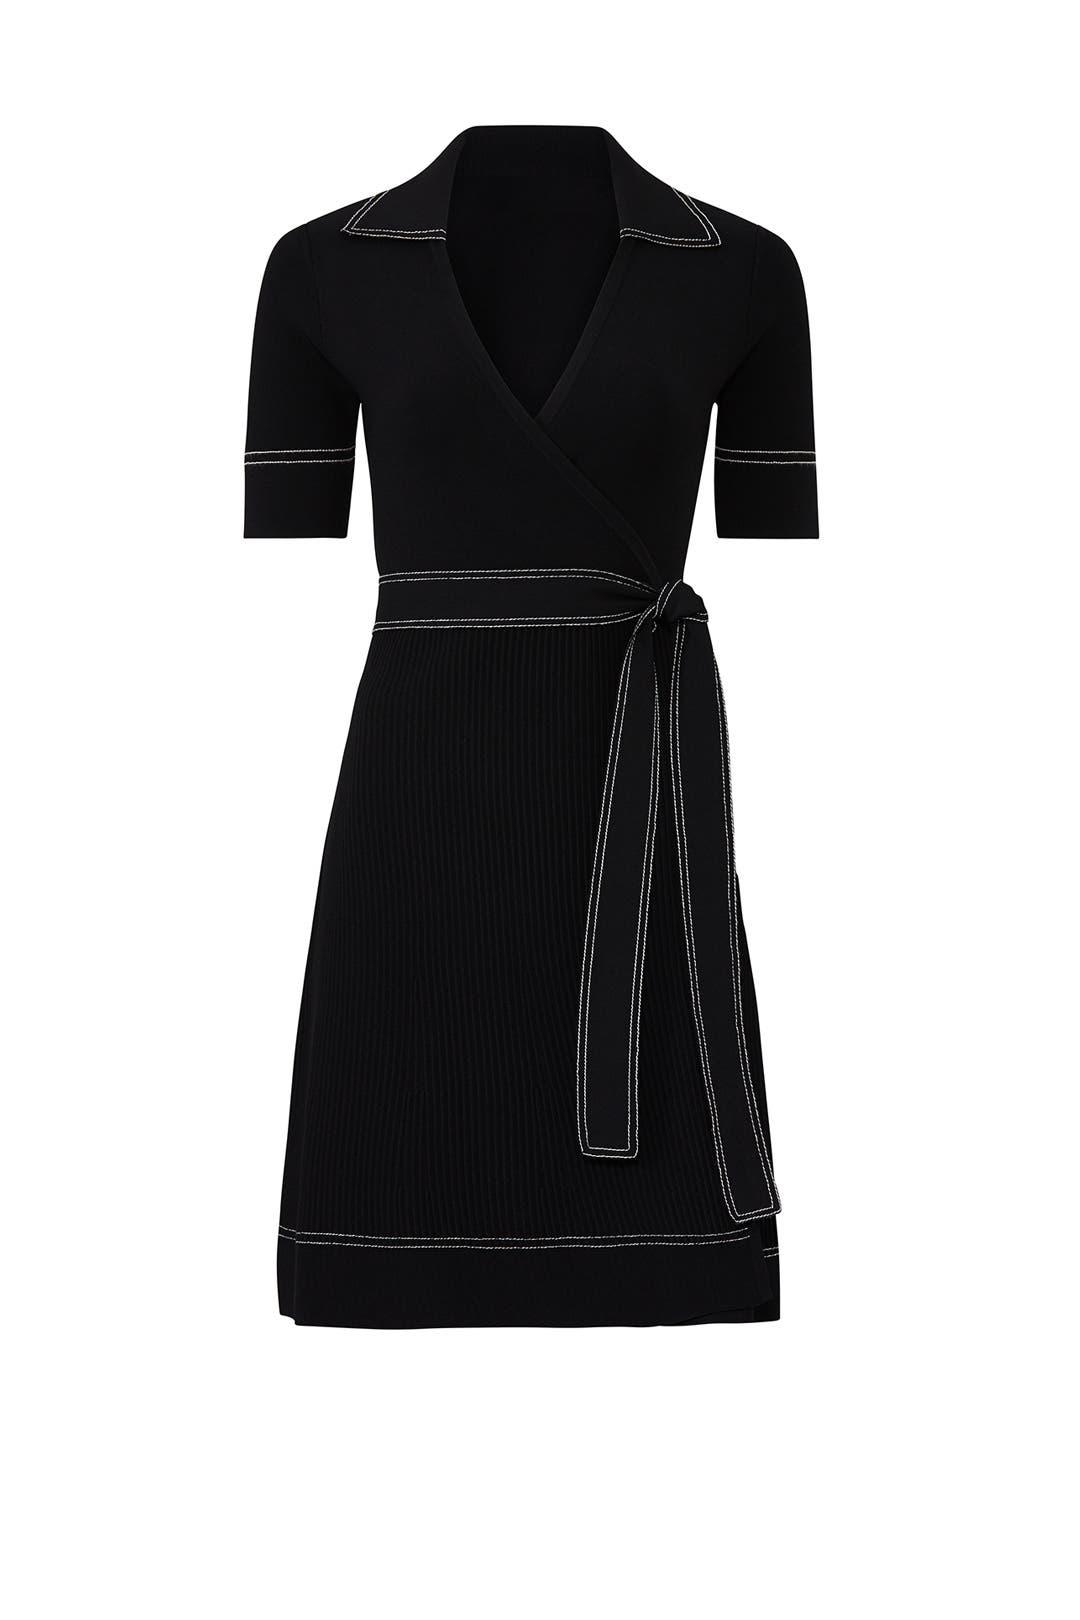 bfdd9cc640d Liv Wrap Dress by Diane von Furstenberg for  75